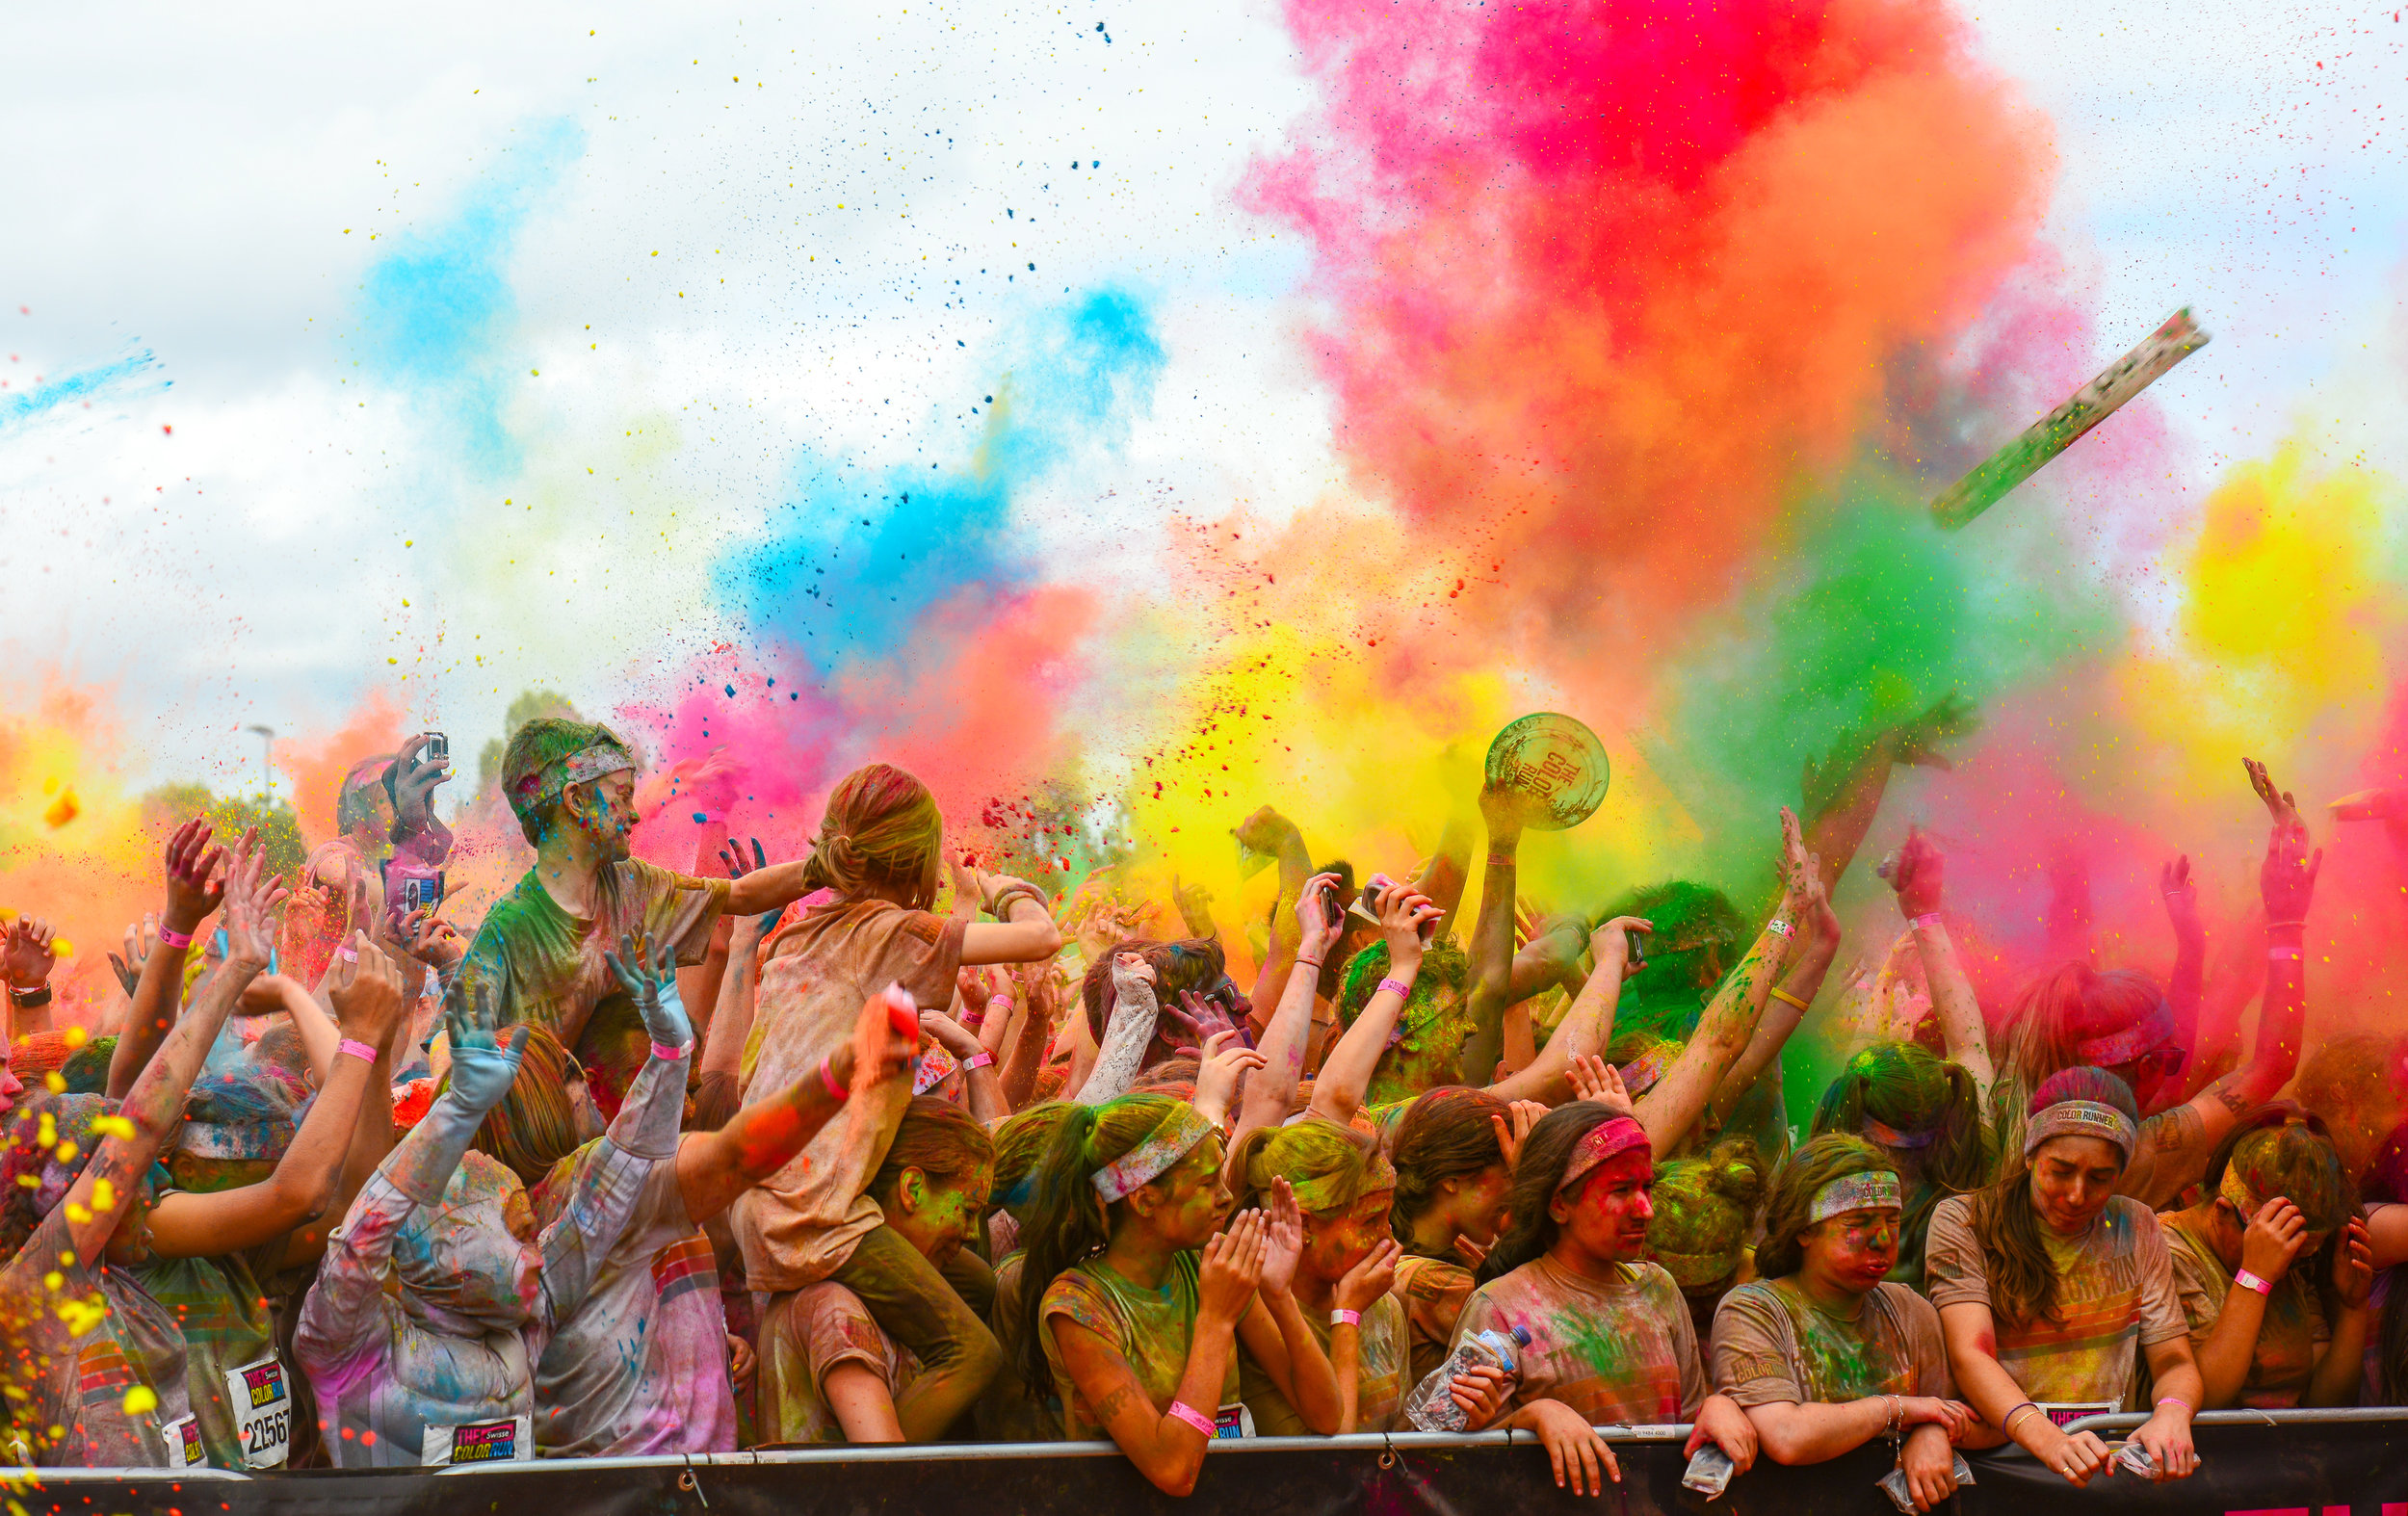 The_Color_Run,_Grand_Prix_Edition_(Melbourne_2014)_(12869502993).jpg